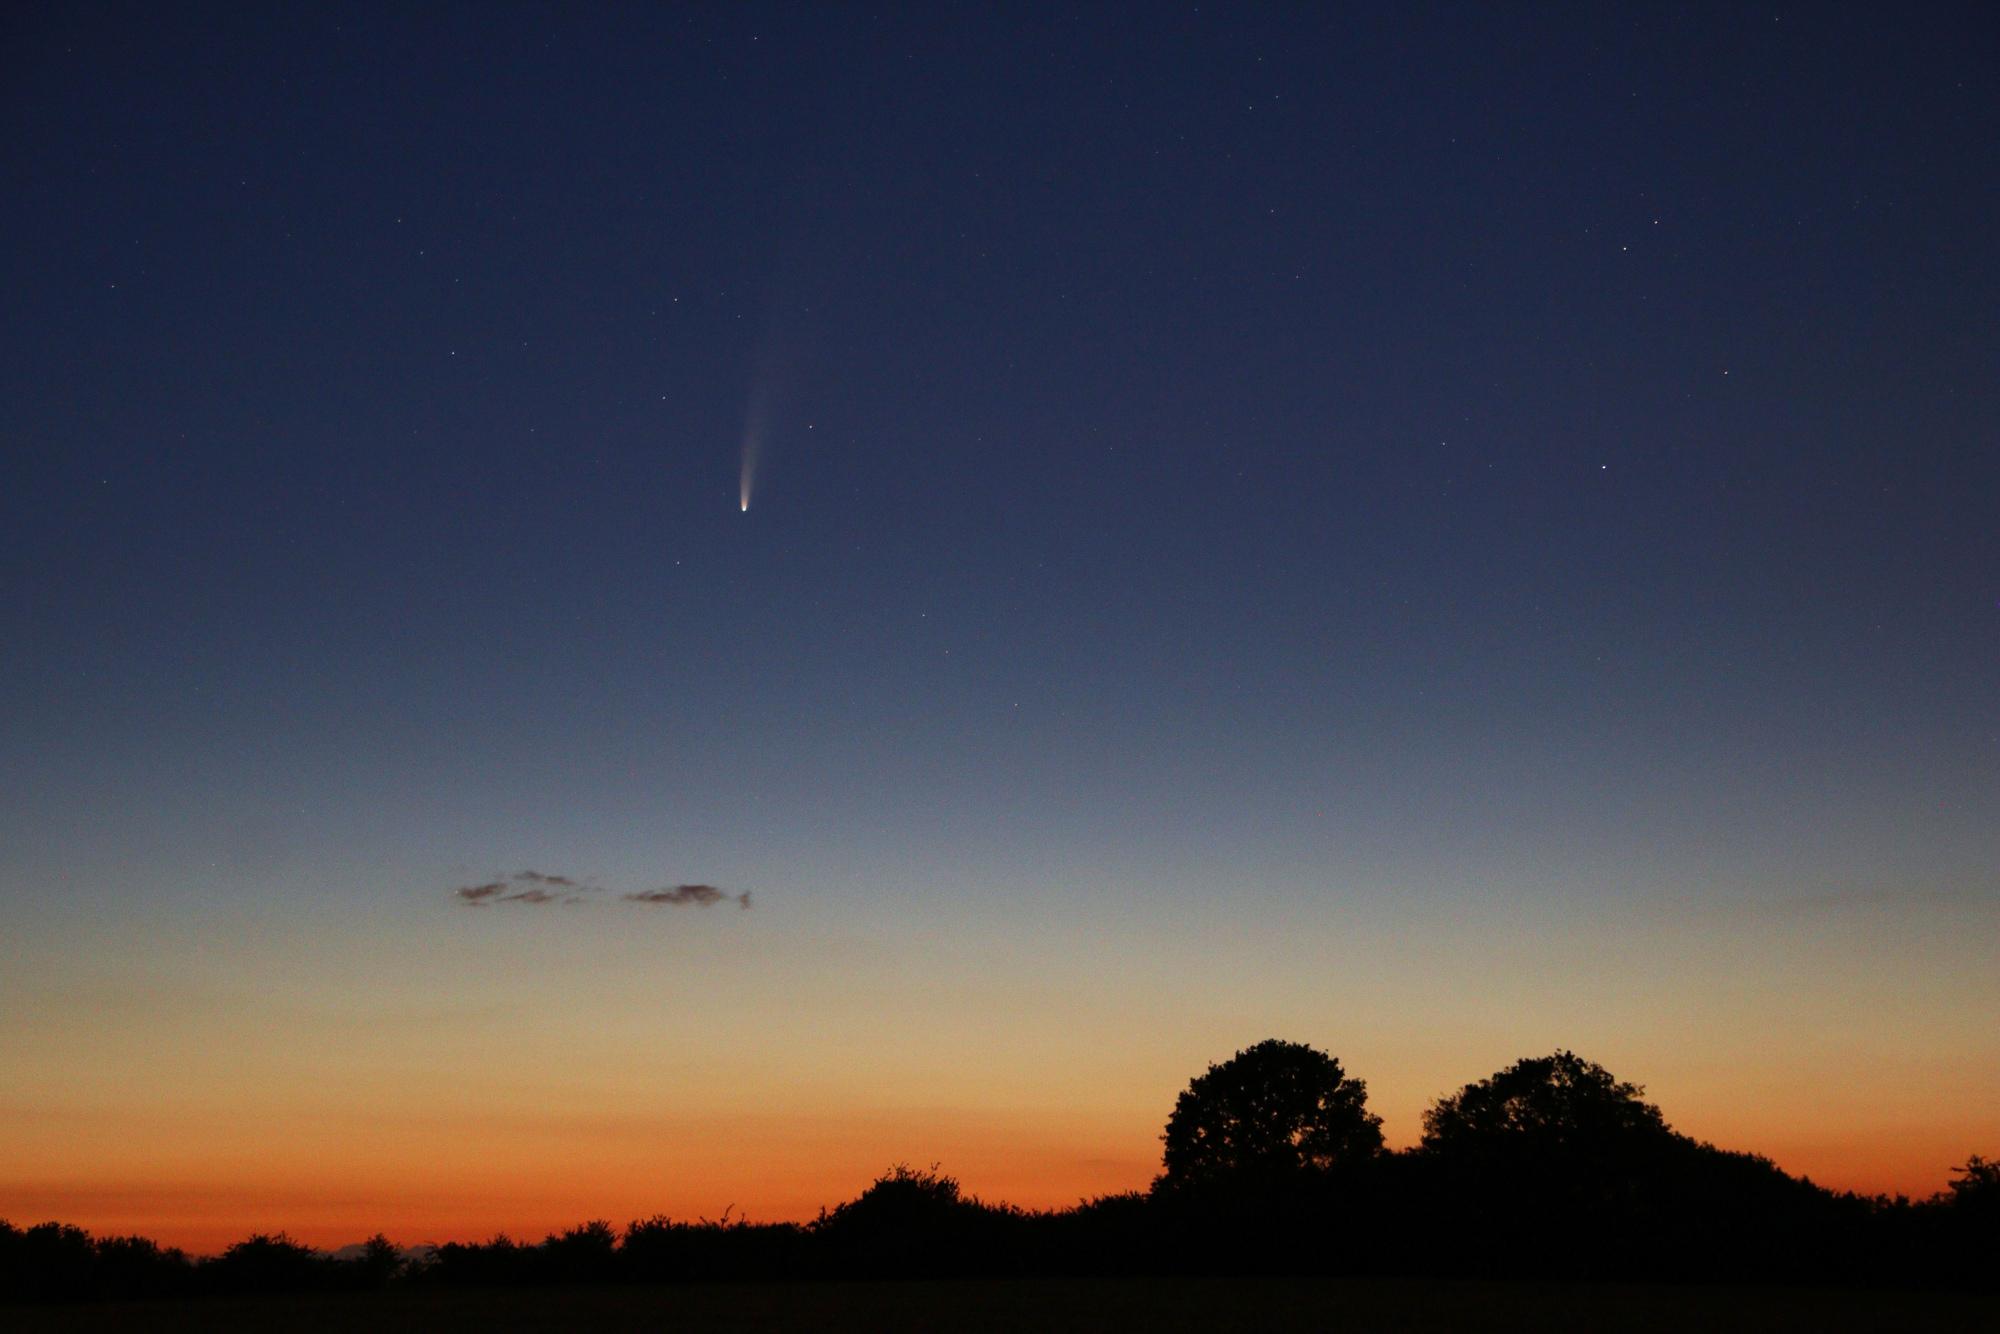 4 NEOWISE 6815B1 send.jpg